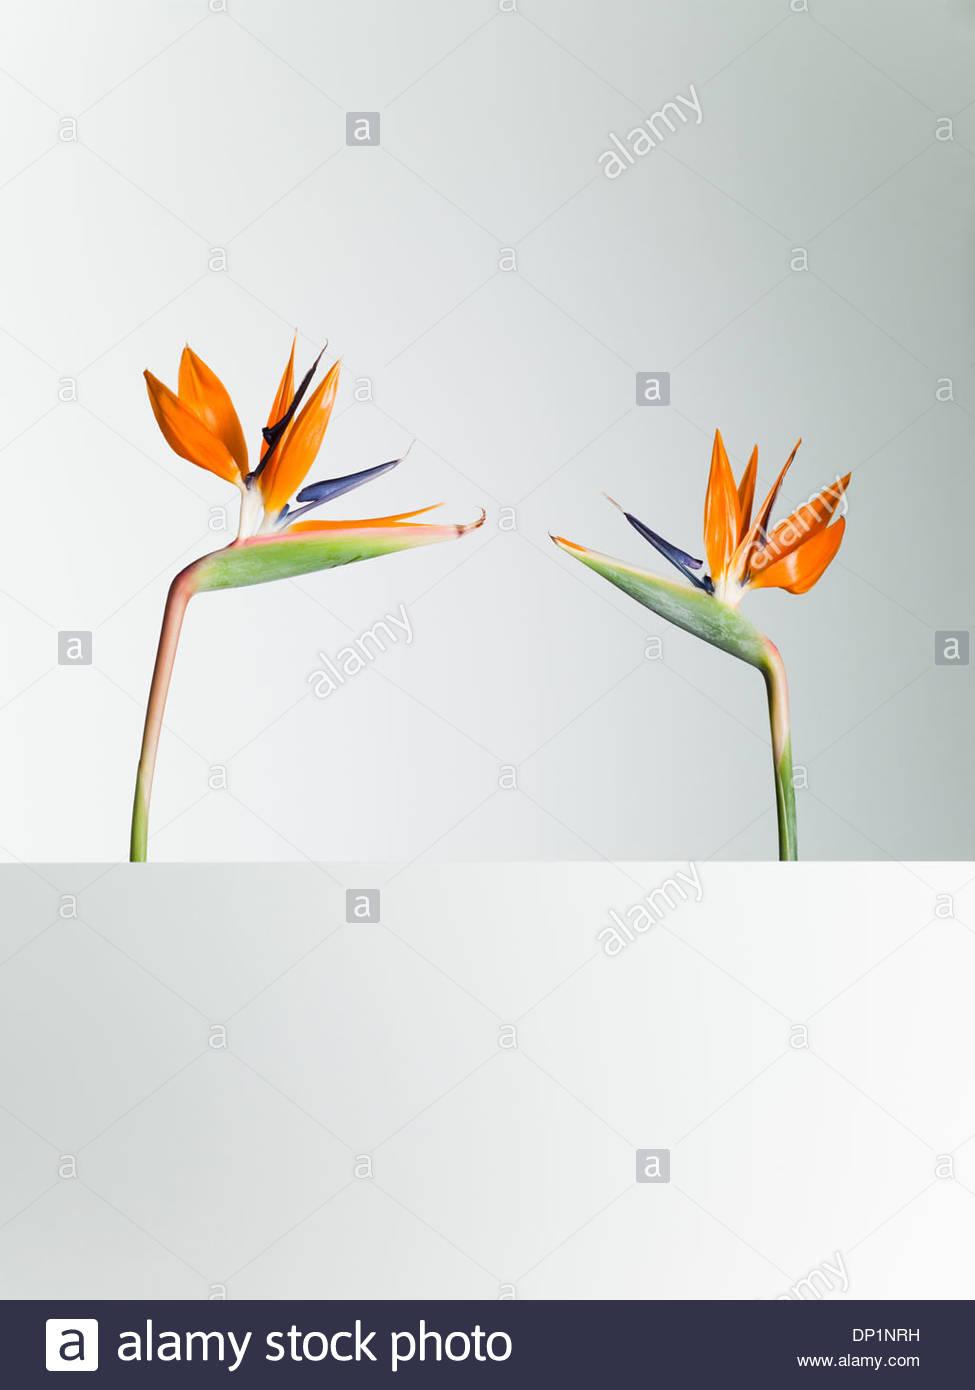 Flowers Photo Stock